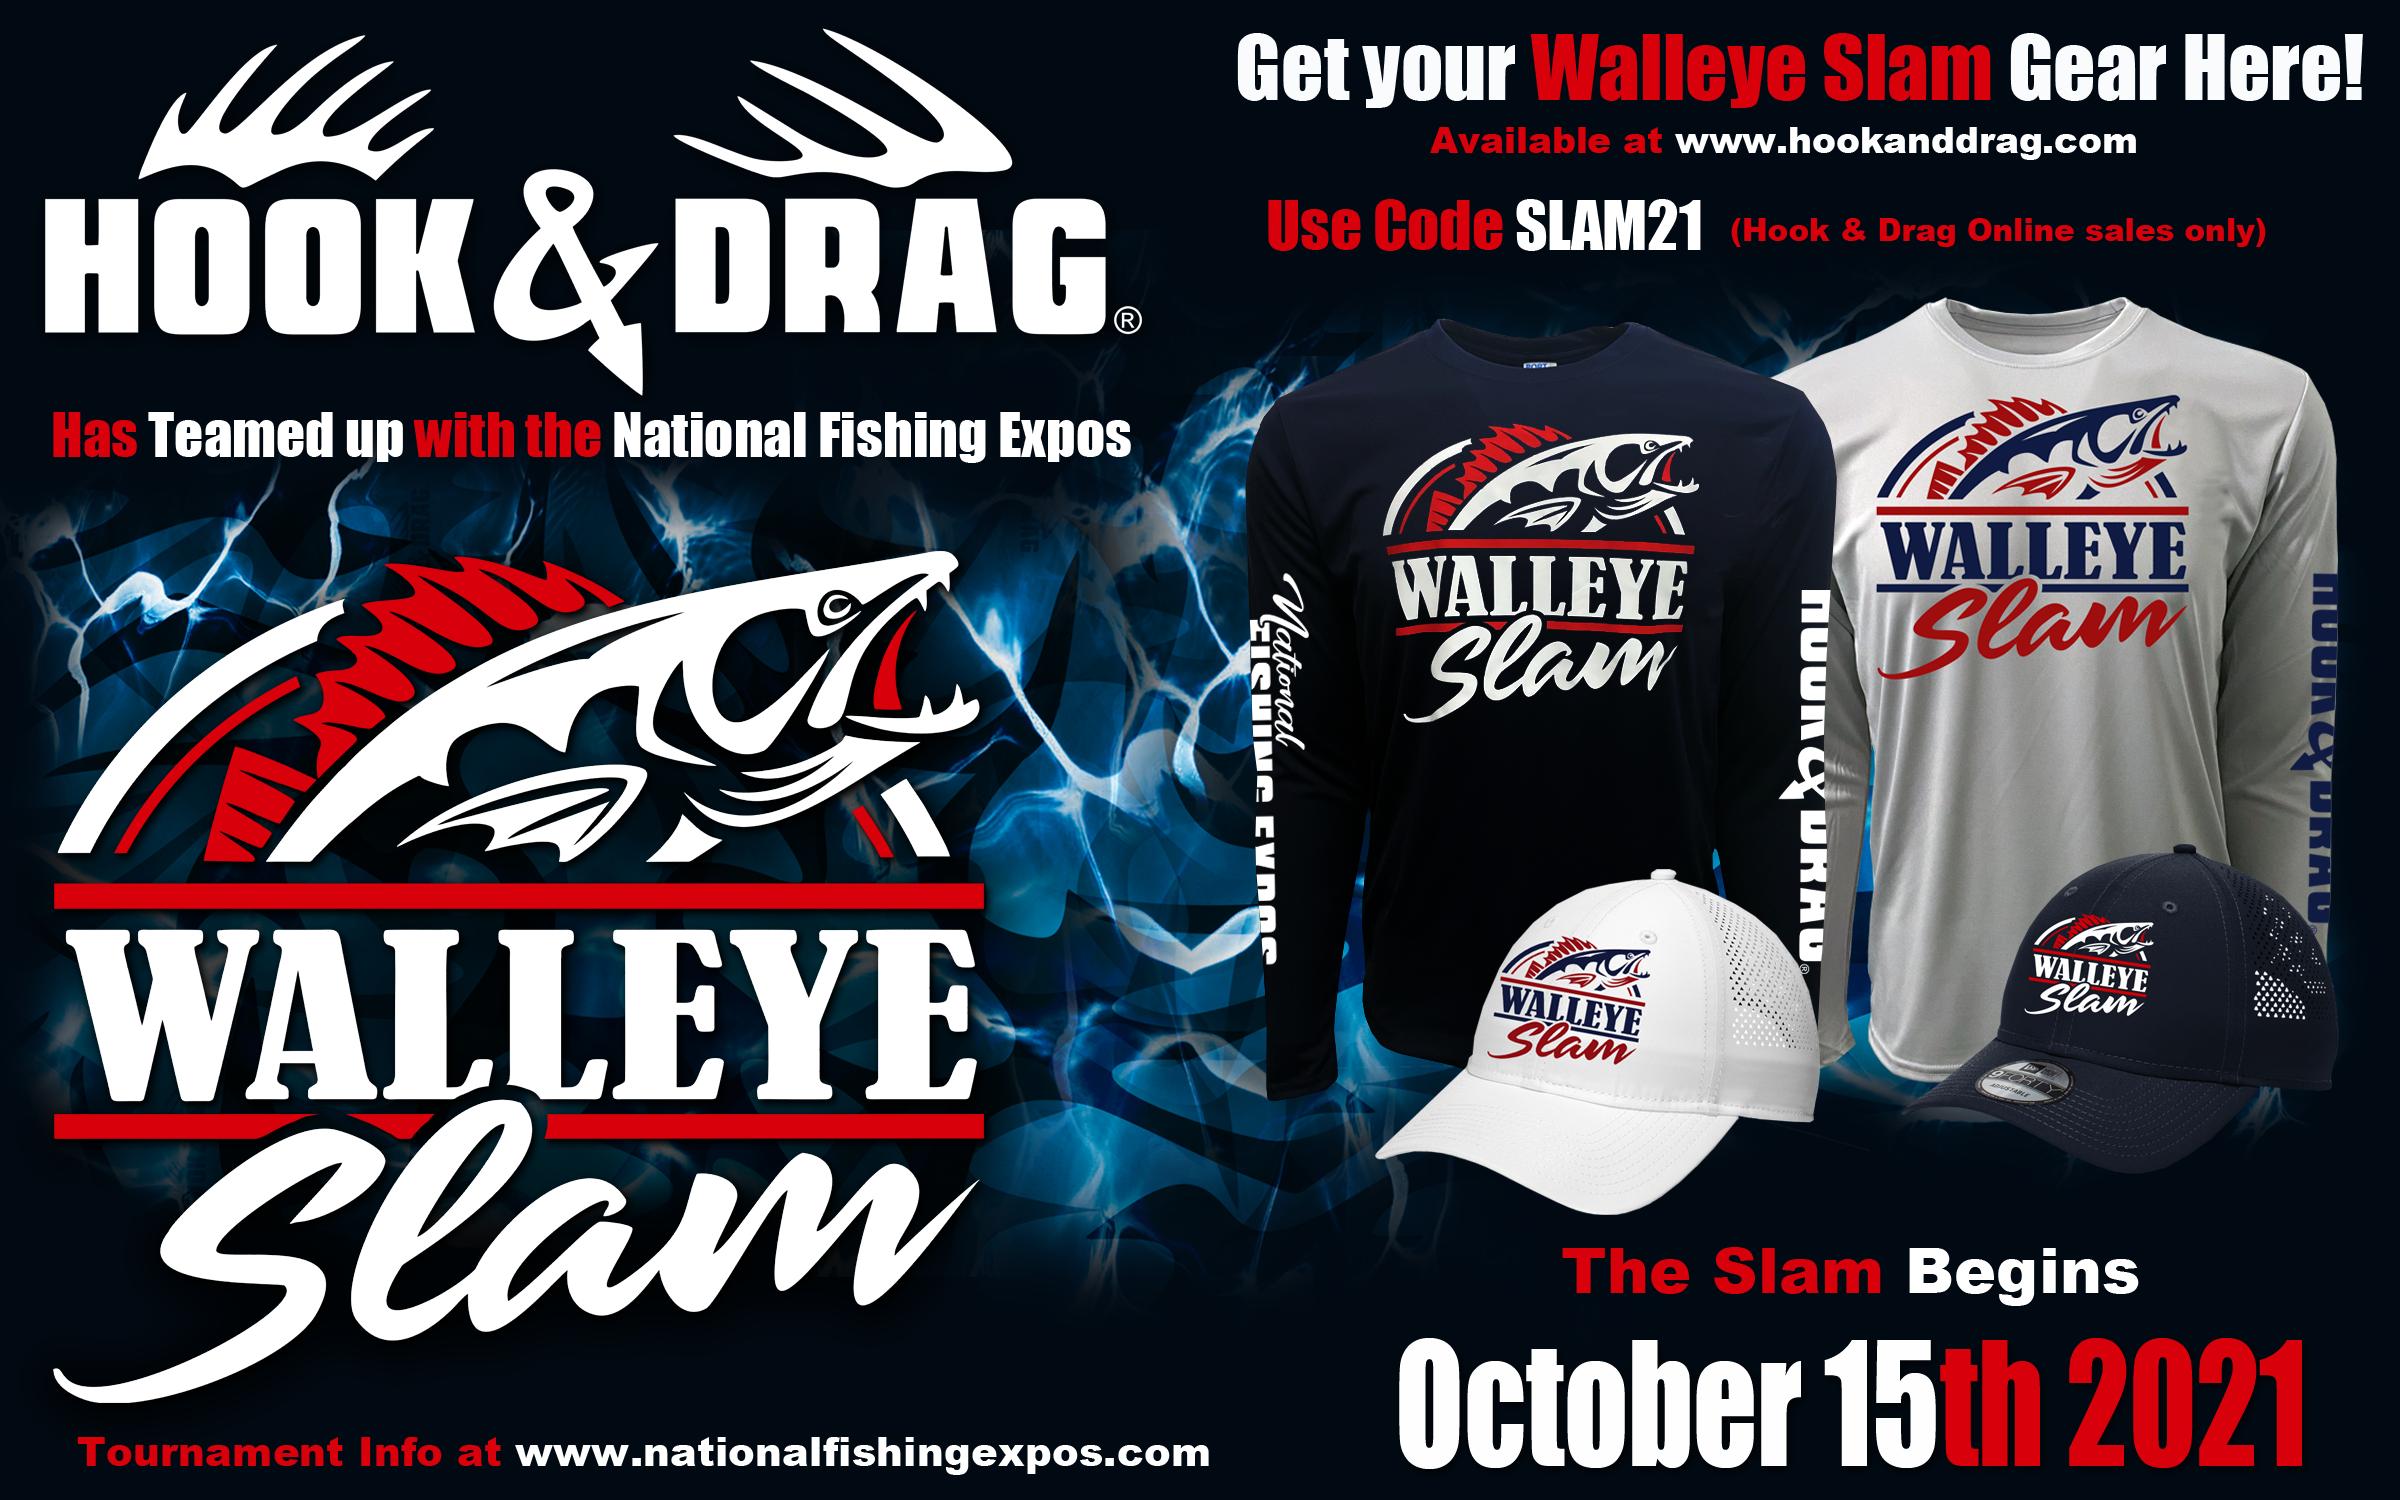 Walleye Slam Gear